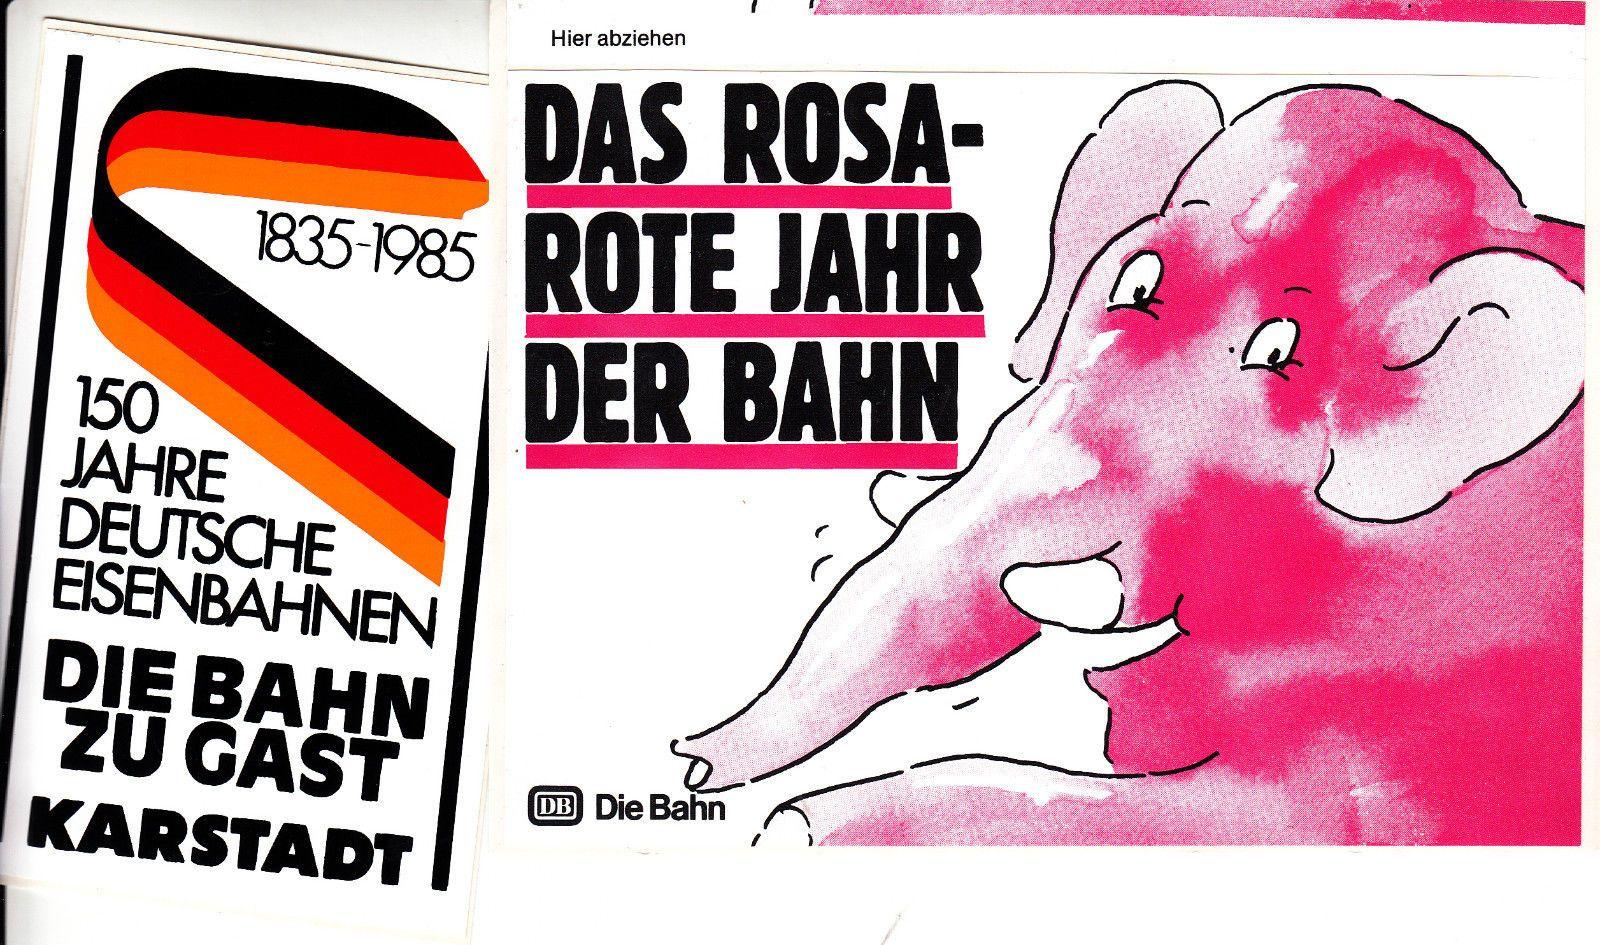 Deutsche Bundes Bahn Werbung 70er 2x Alter Aufkleber